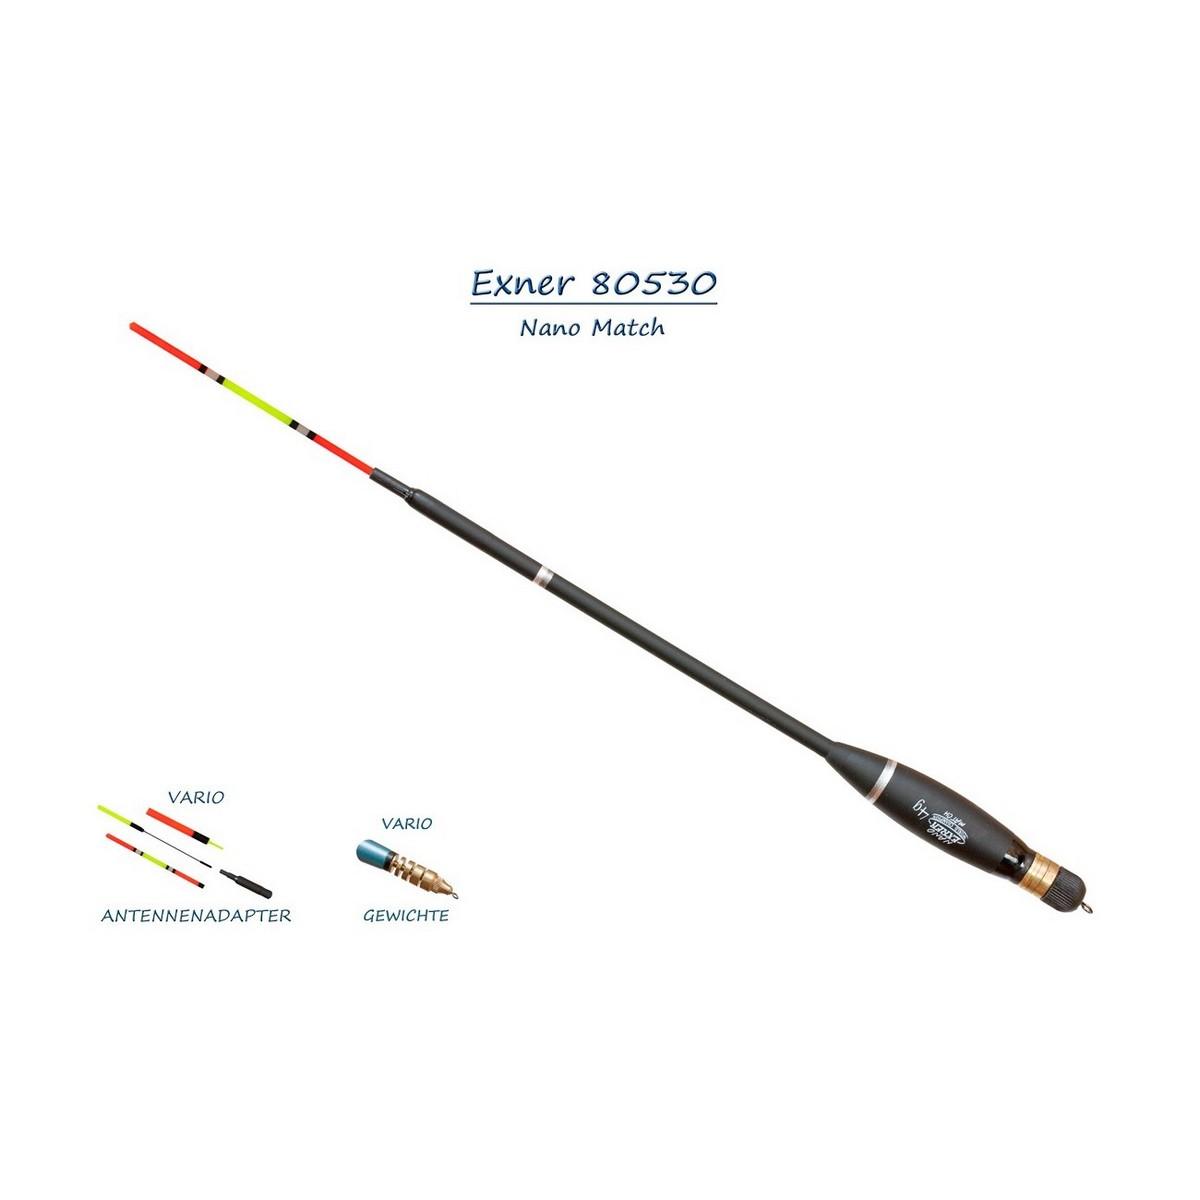 Ваглер Exner Nano Match 80530